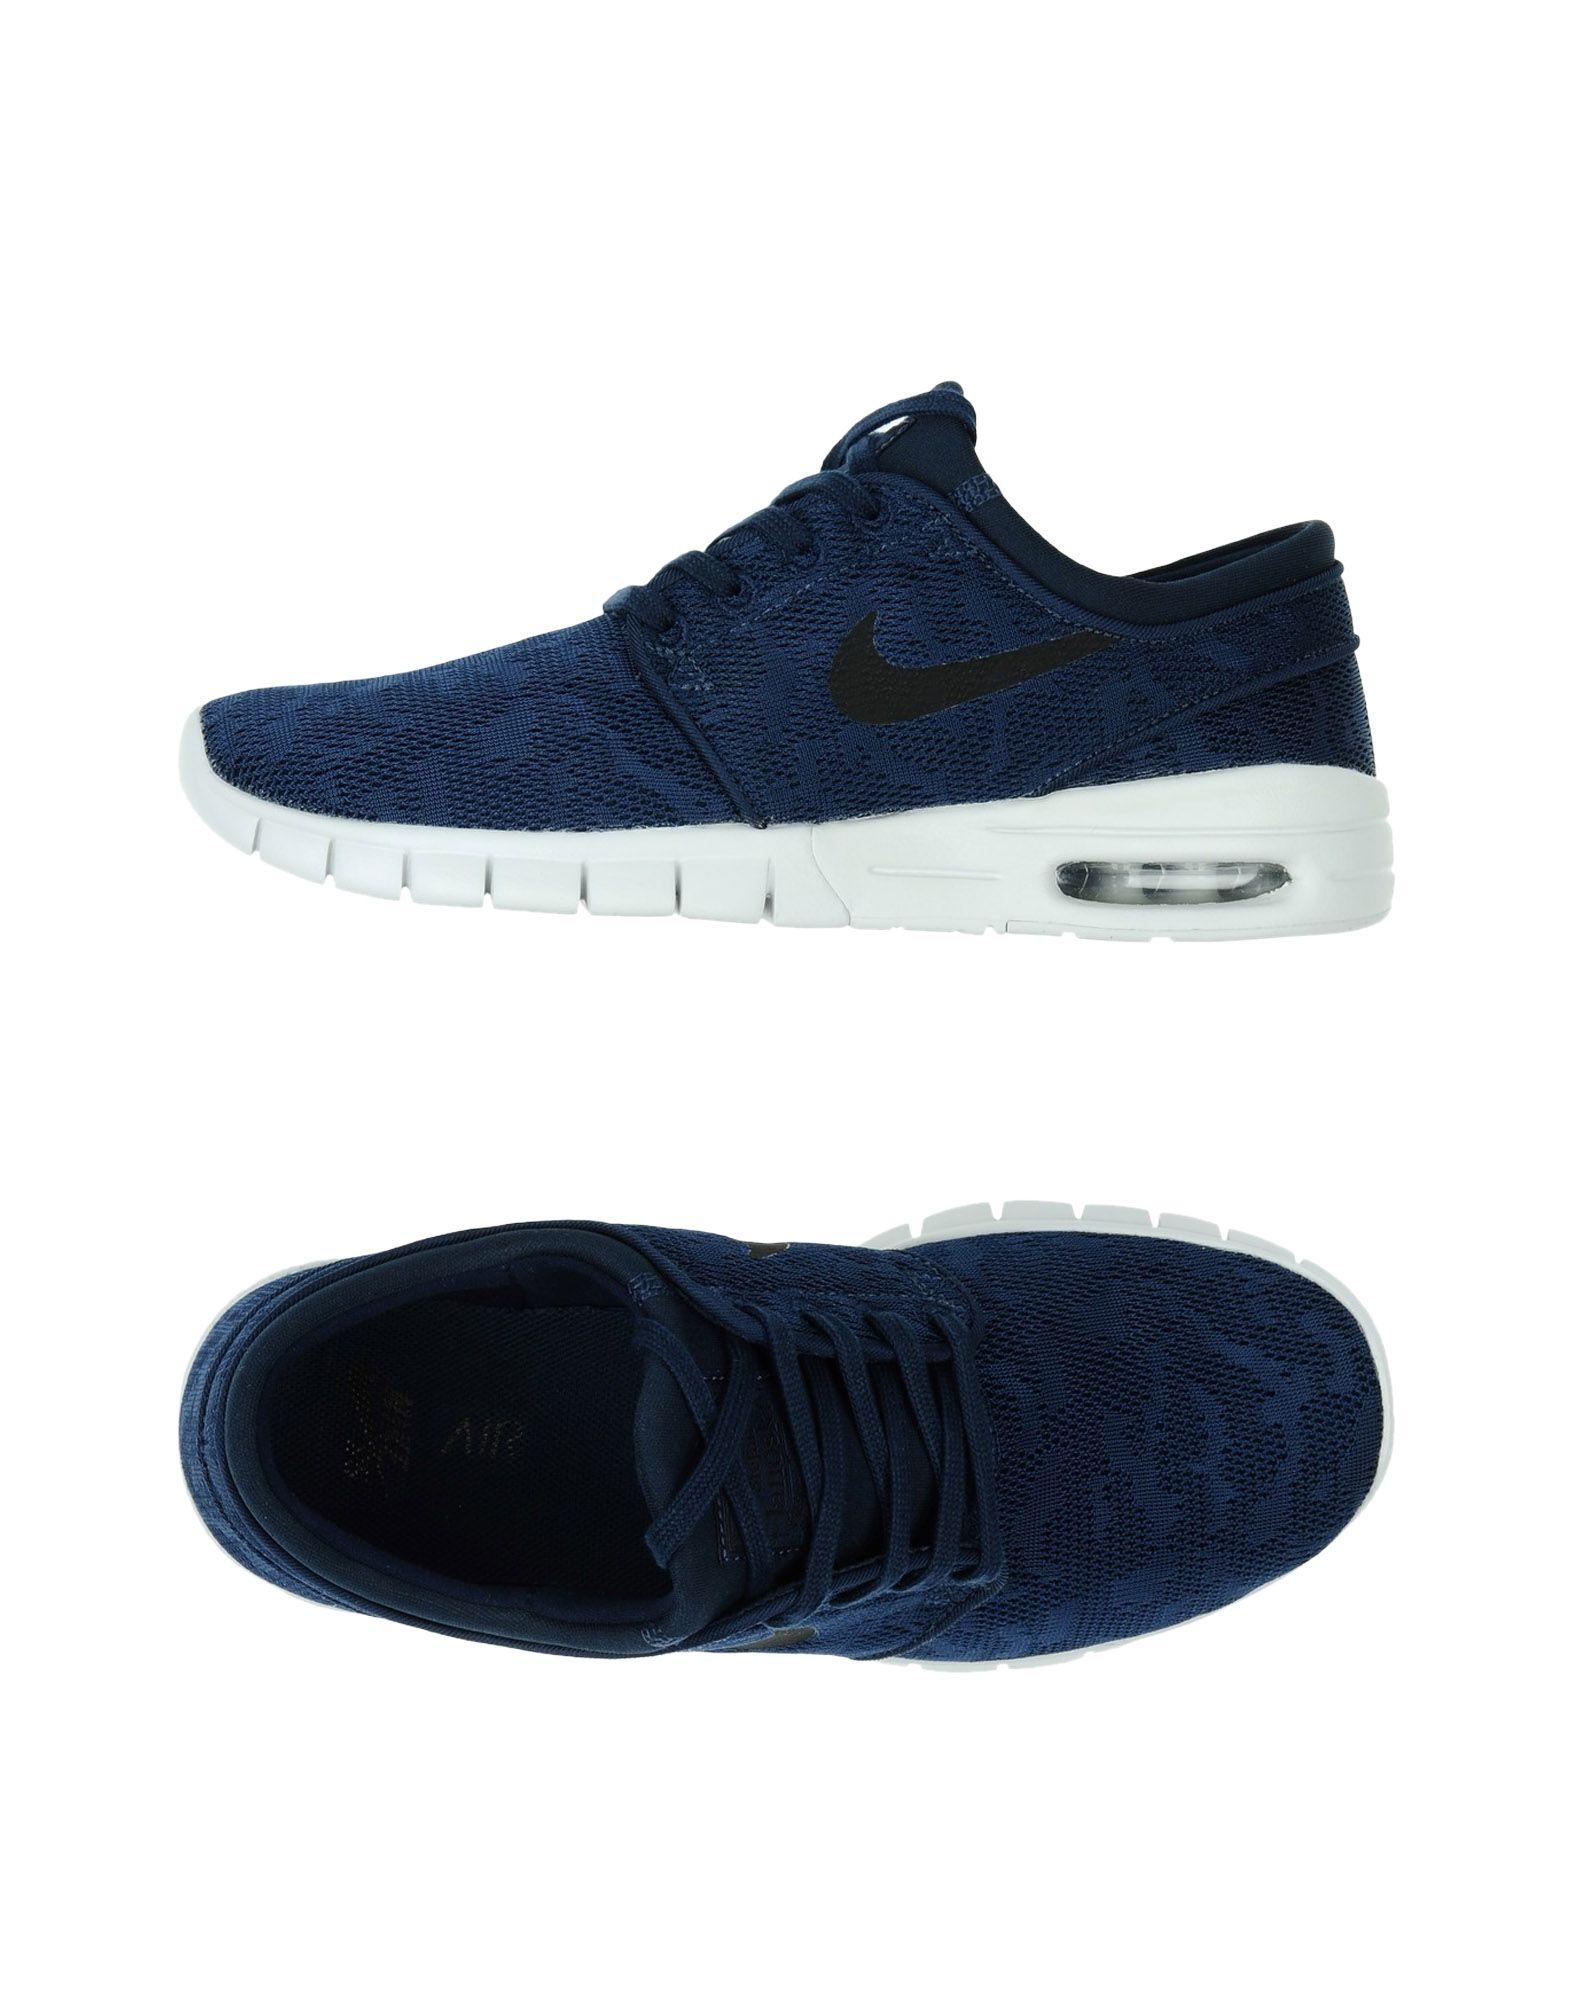 Rabatt Collection echte Schuhe Nike Sb Collection Rabatt Sneakers Herren  11335723ET 3adc7a